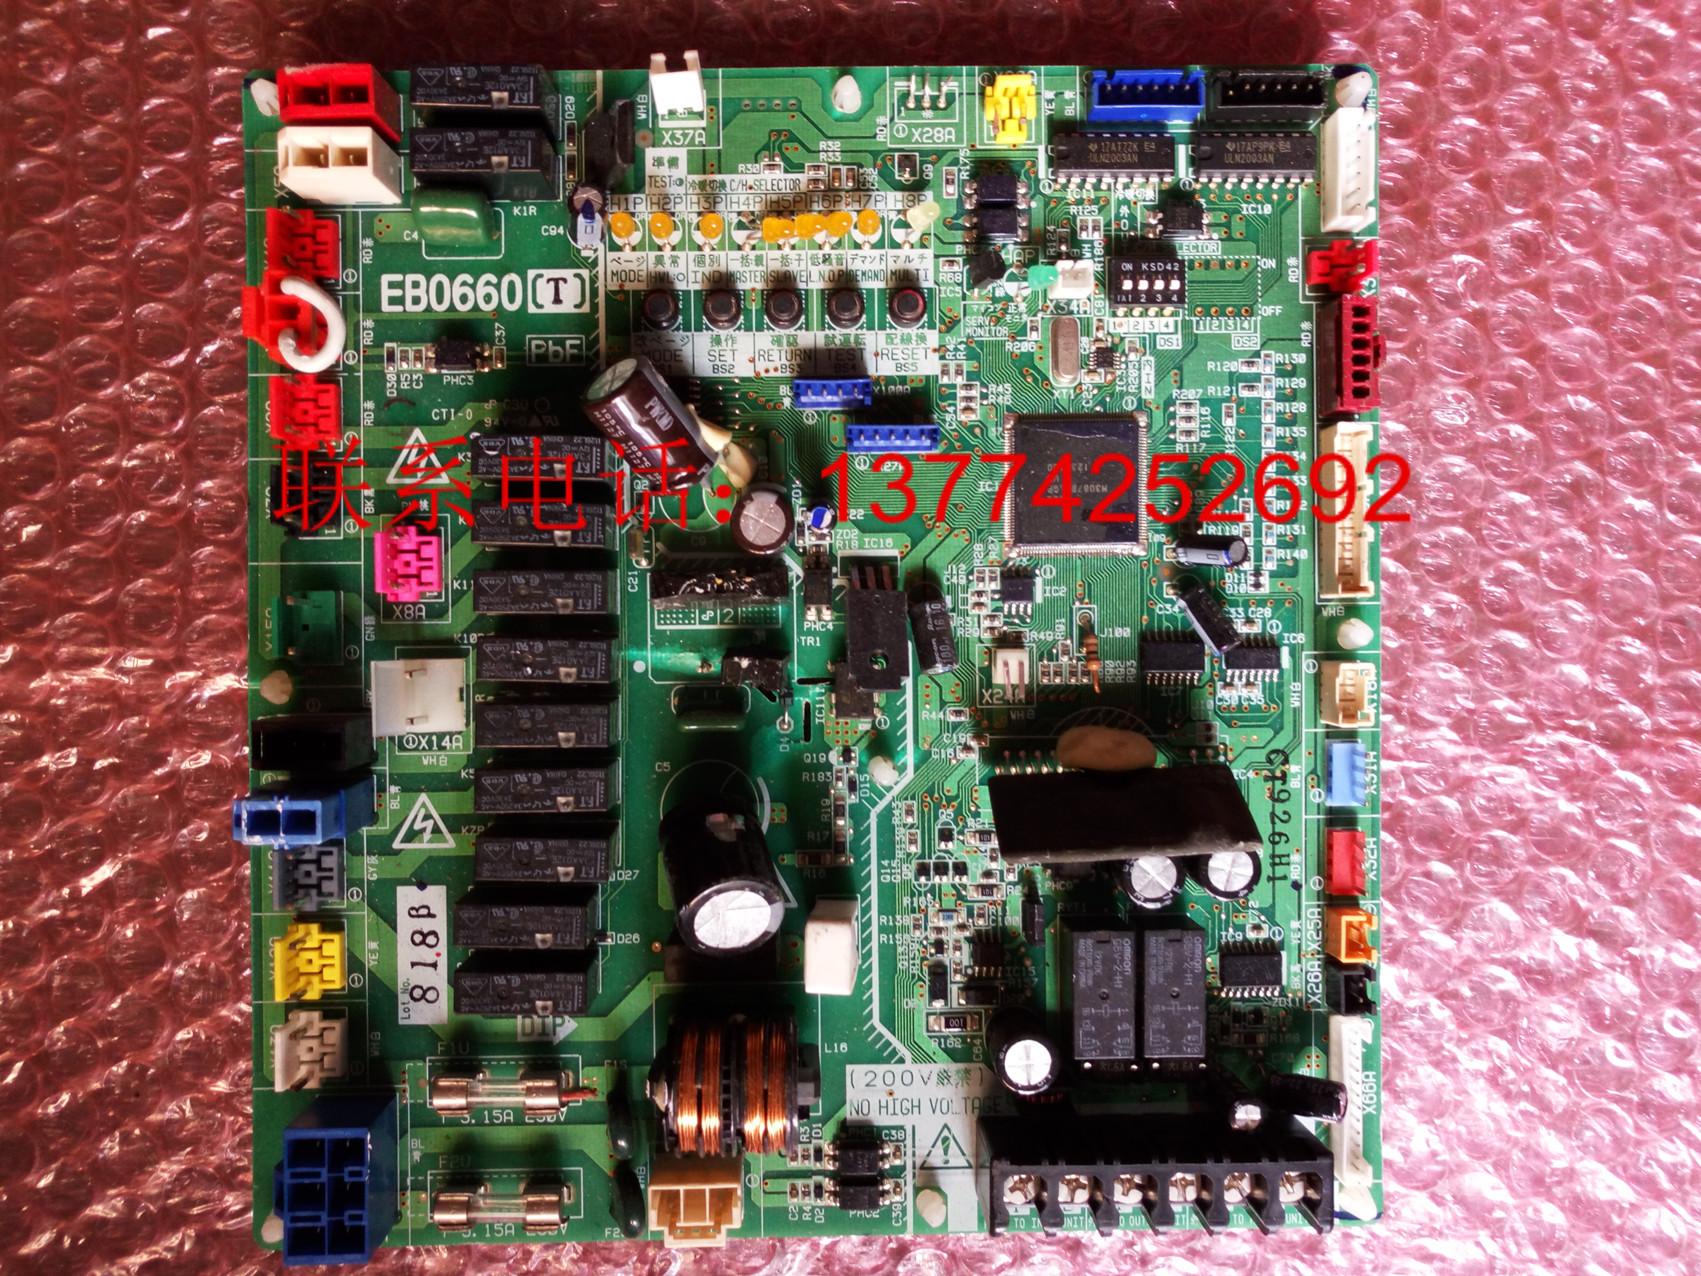 Daikin klimaanlagen - Aufsichtsrat EB0660 Daikin V3 - Control panel.